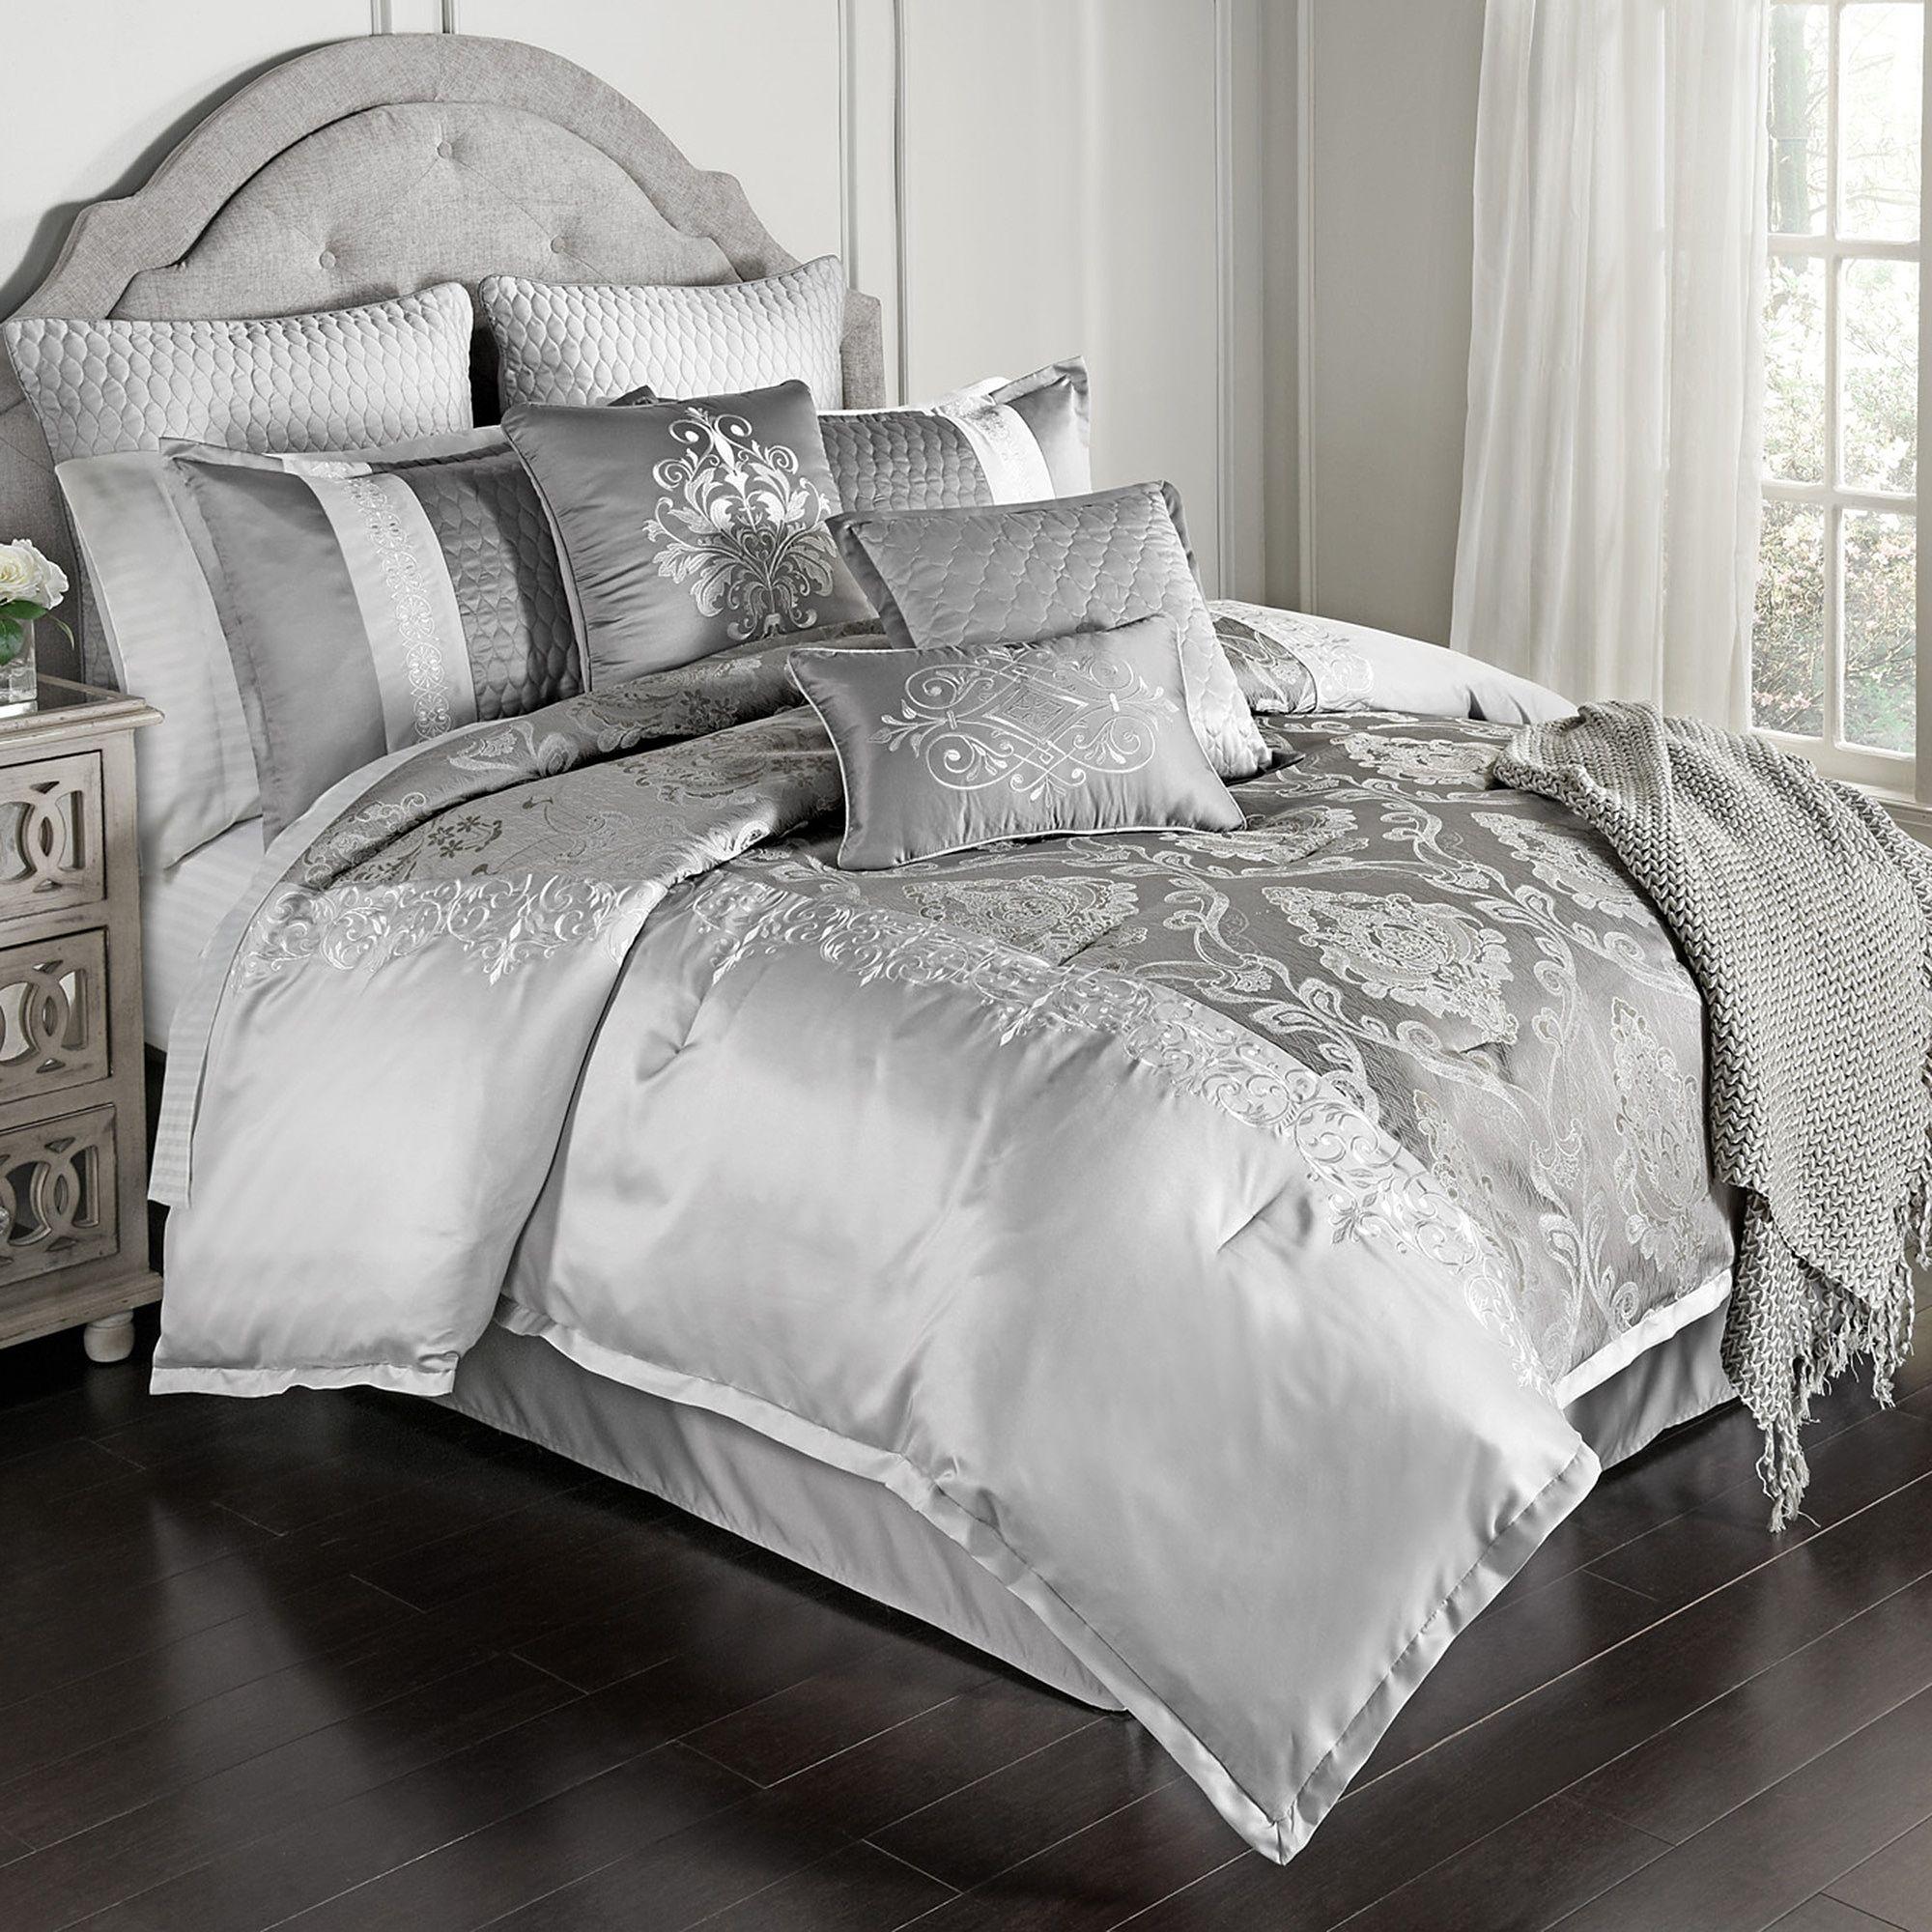 Kolina 14 Piece Comforter Set Bed Bath Beyond Comforter Sets